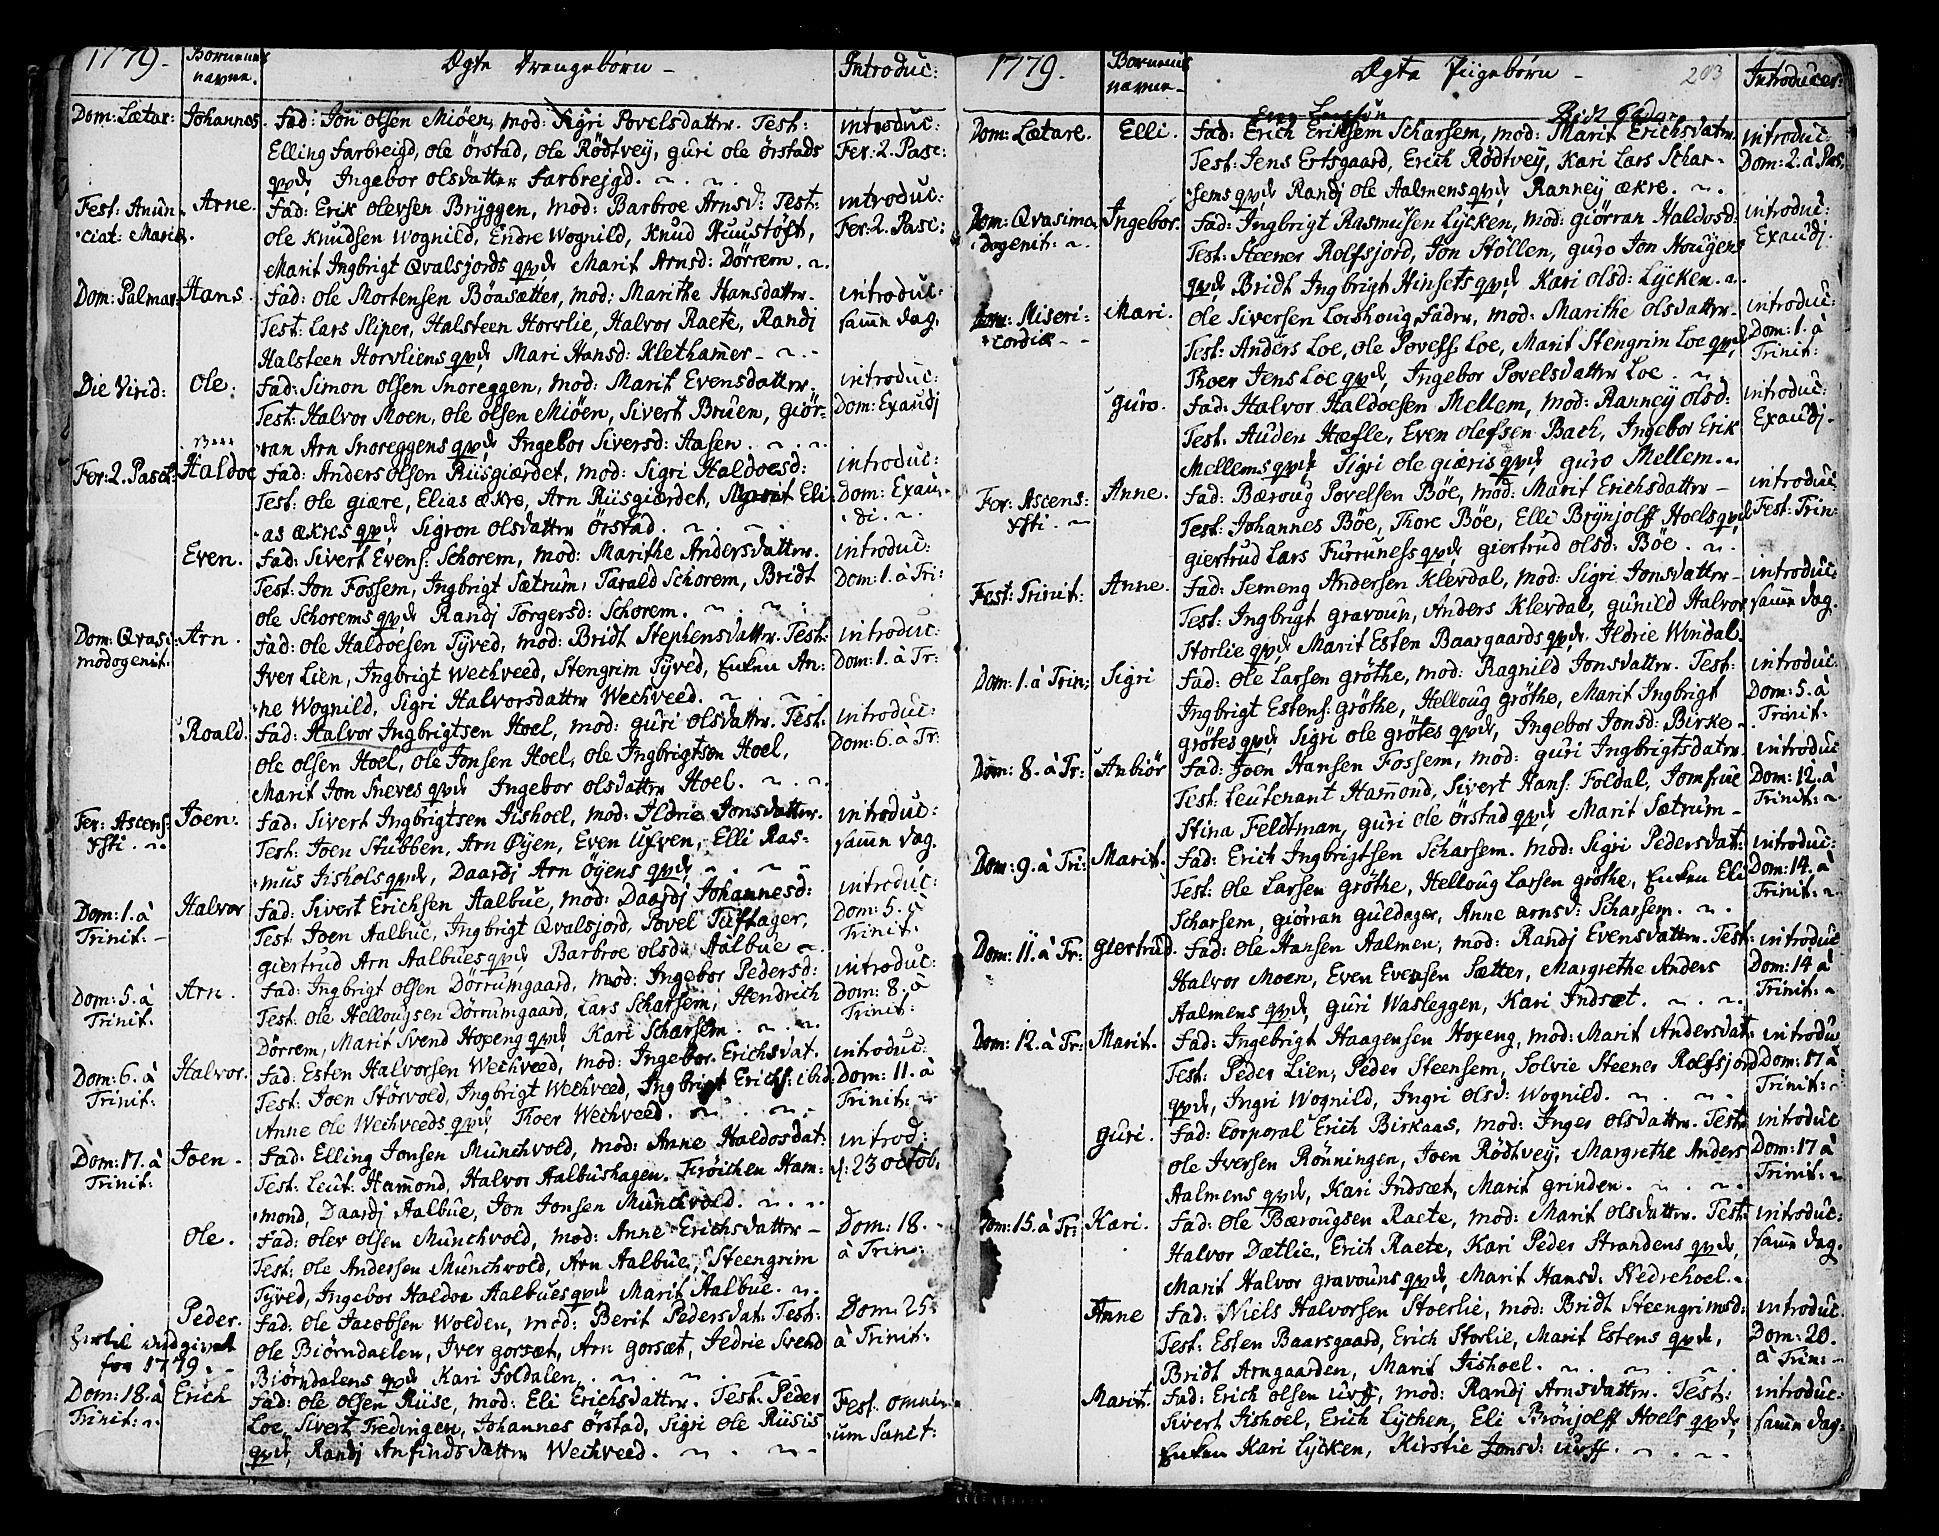 SAT, Ministerialprotokoller, klokkerbøker og fødselsregistre - Sør-Trøndelag, 678/L0891: Ministerialbok nr. 678A01, 1739-1780, s. 203